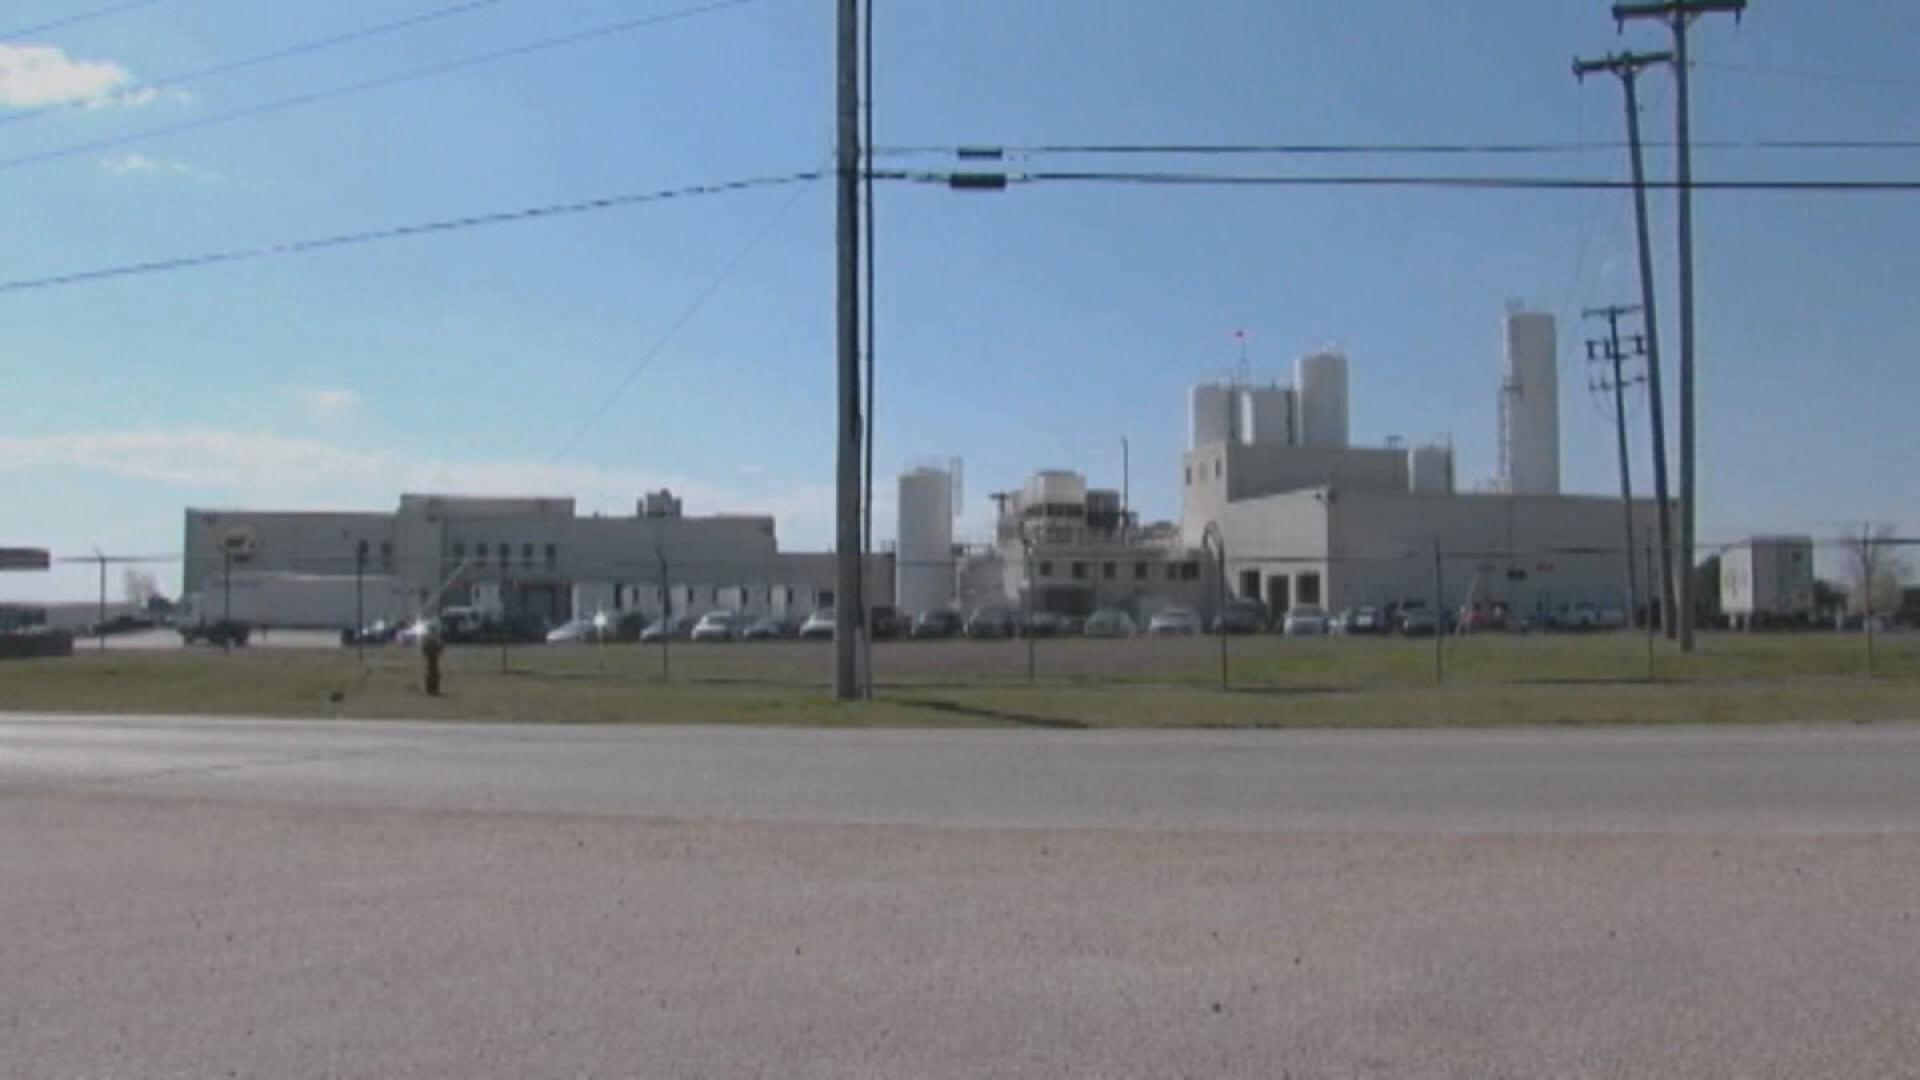 South Carolina Blue Bell Creameries Distribution Center Set to Close (Image 1)_28844